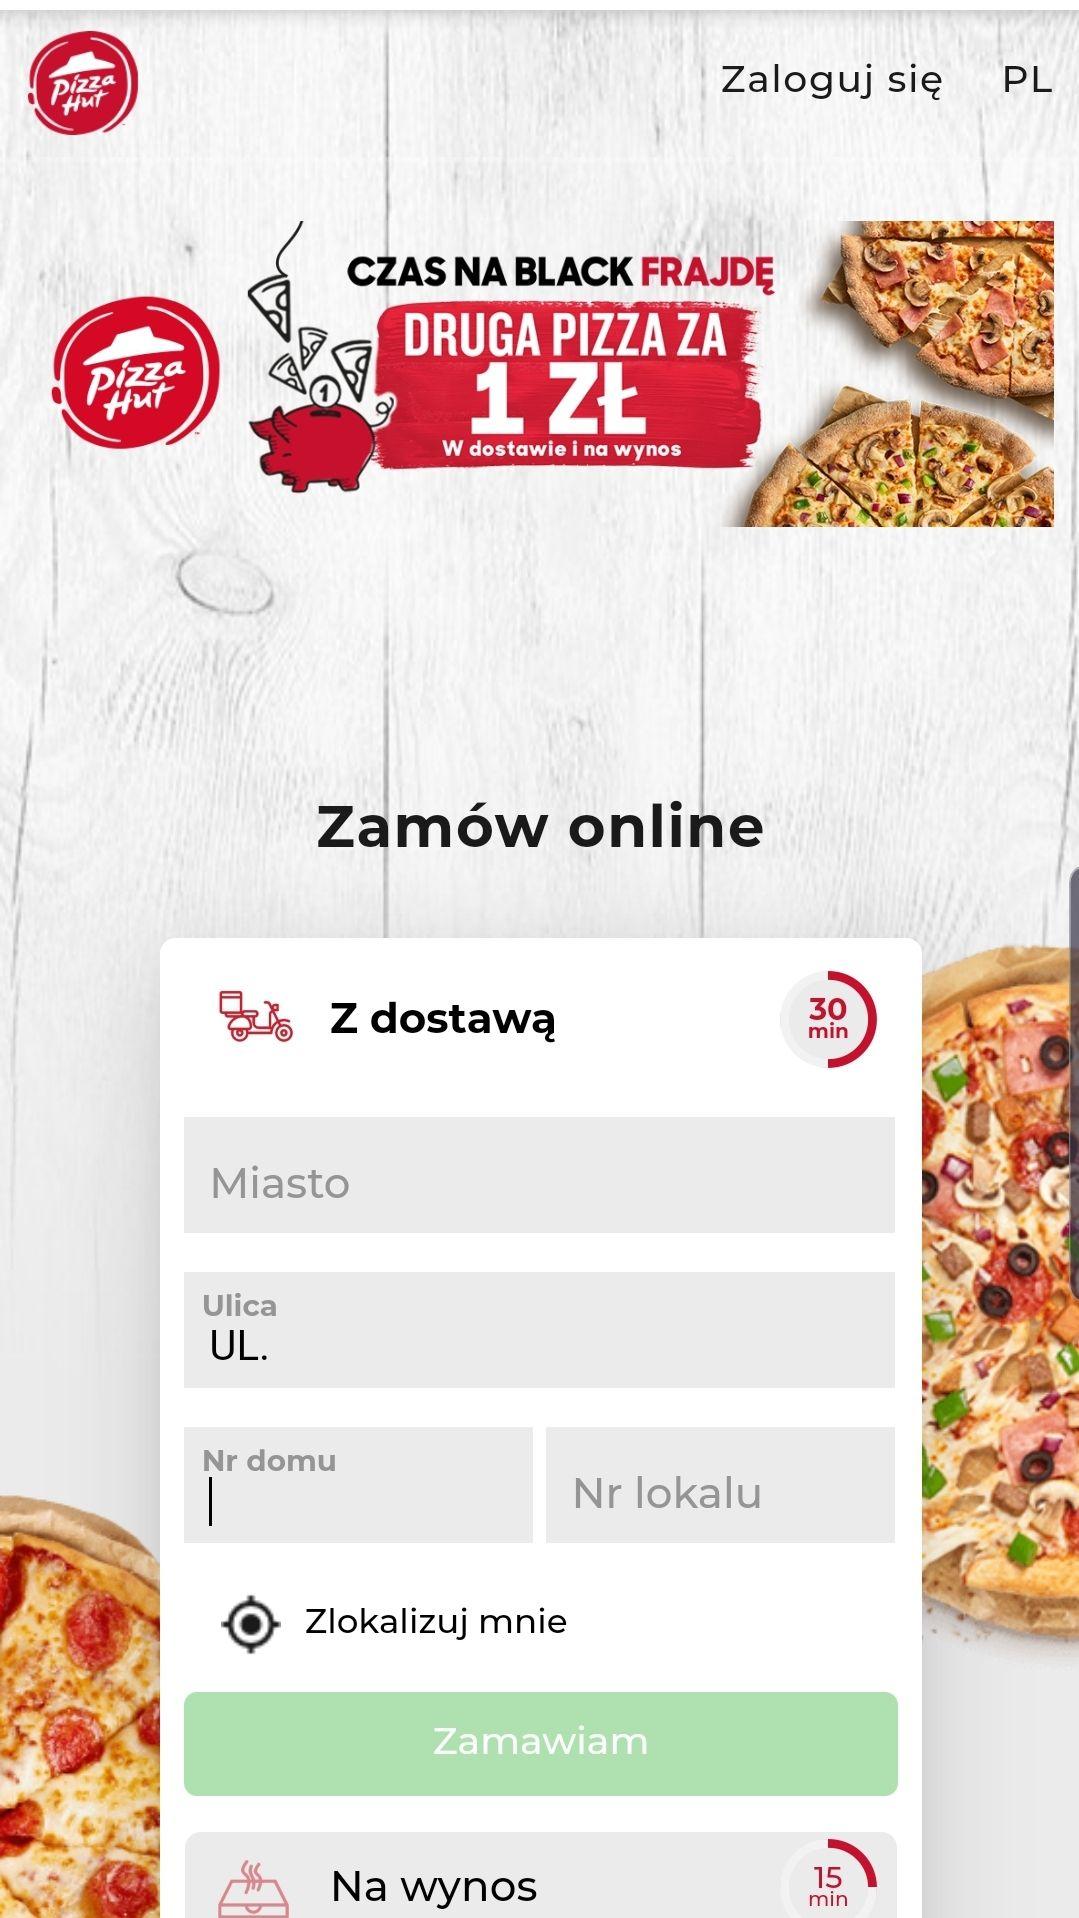 Pizza hut- druga pizza za 1zl na wynos i w dostawie